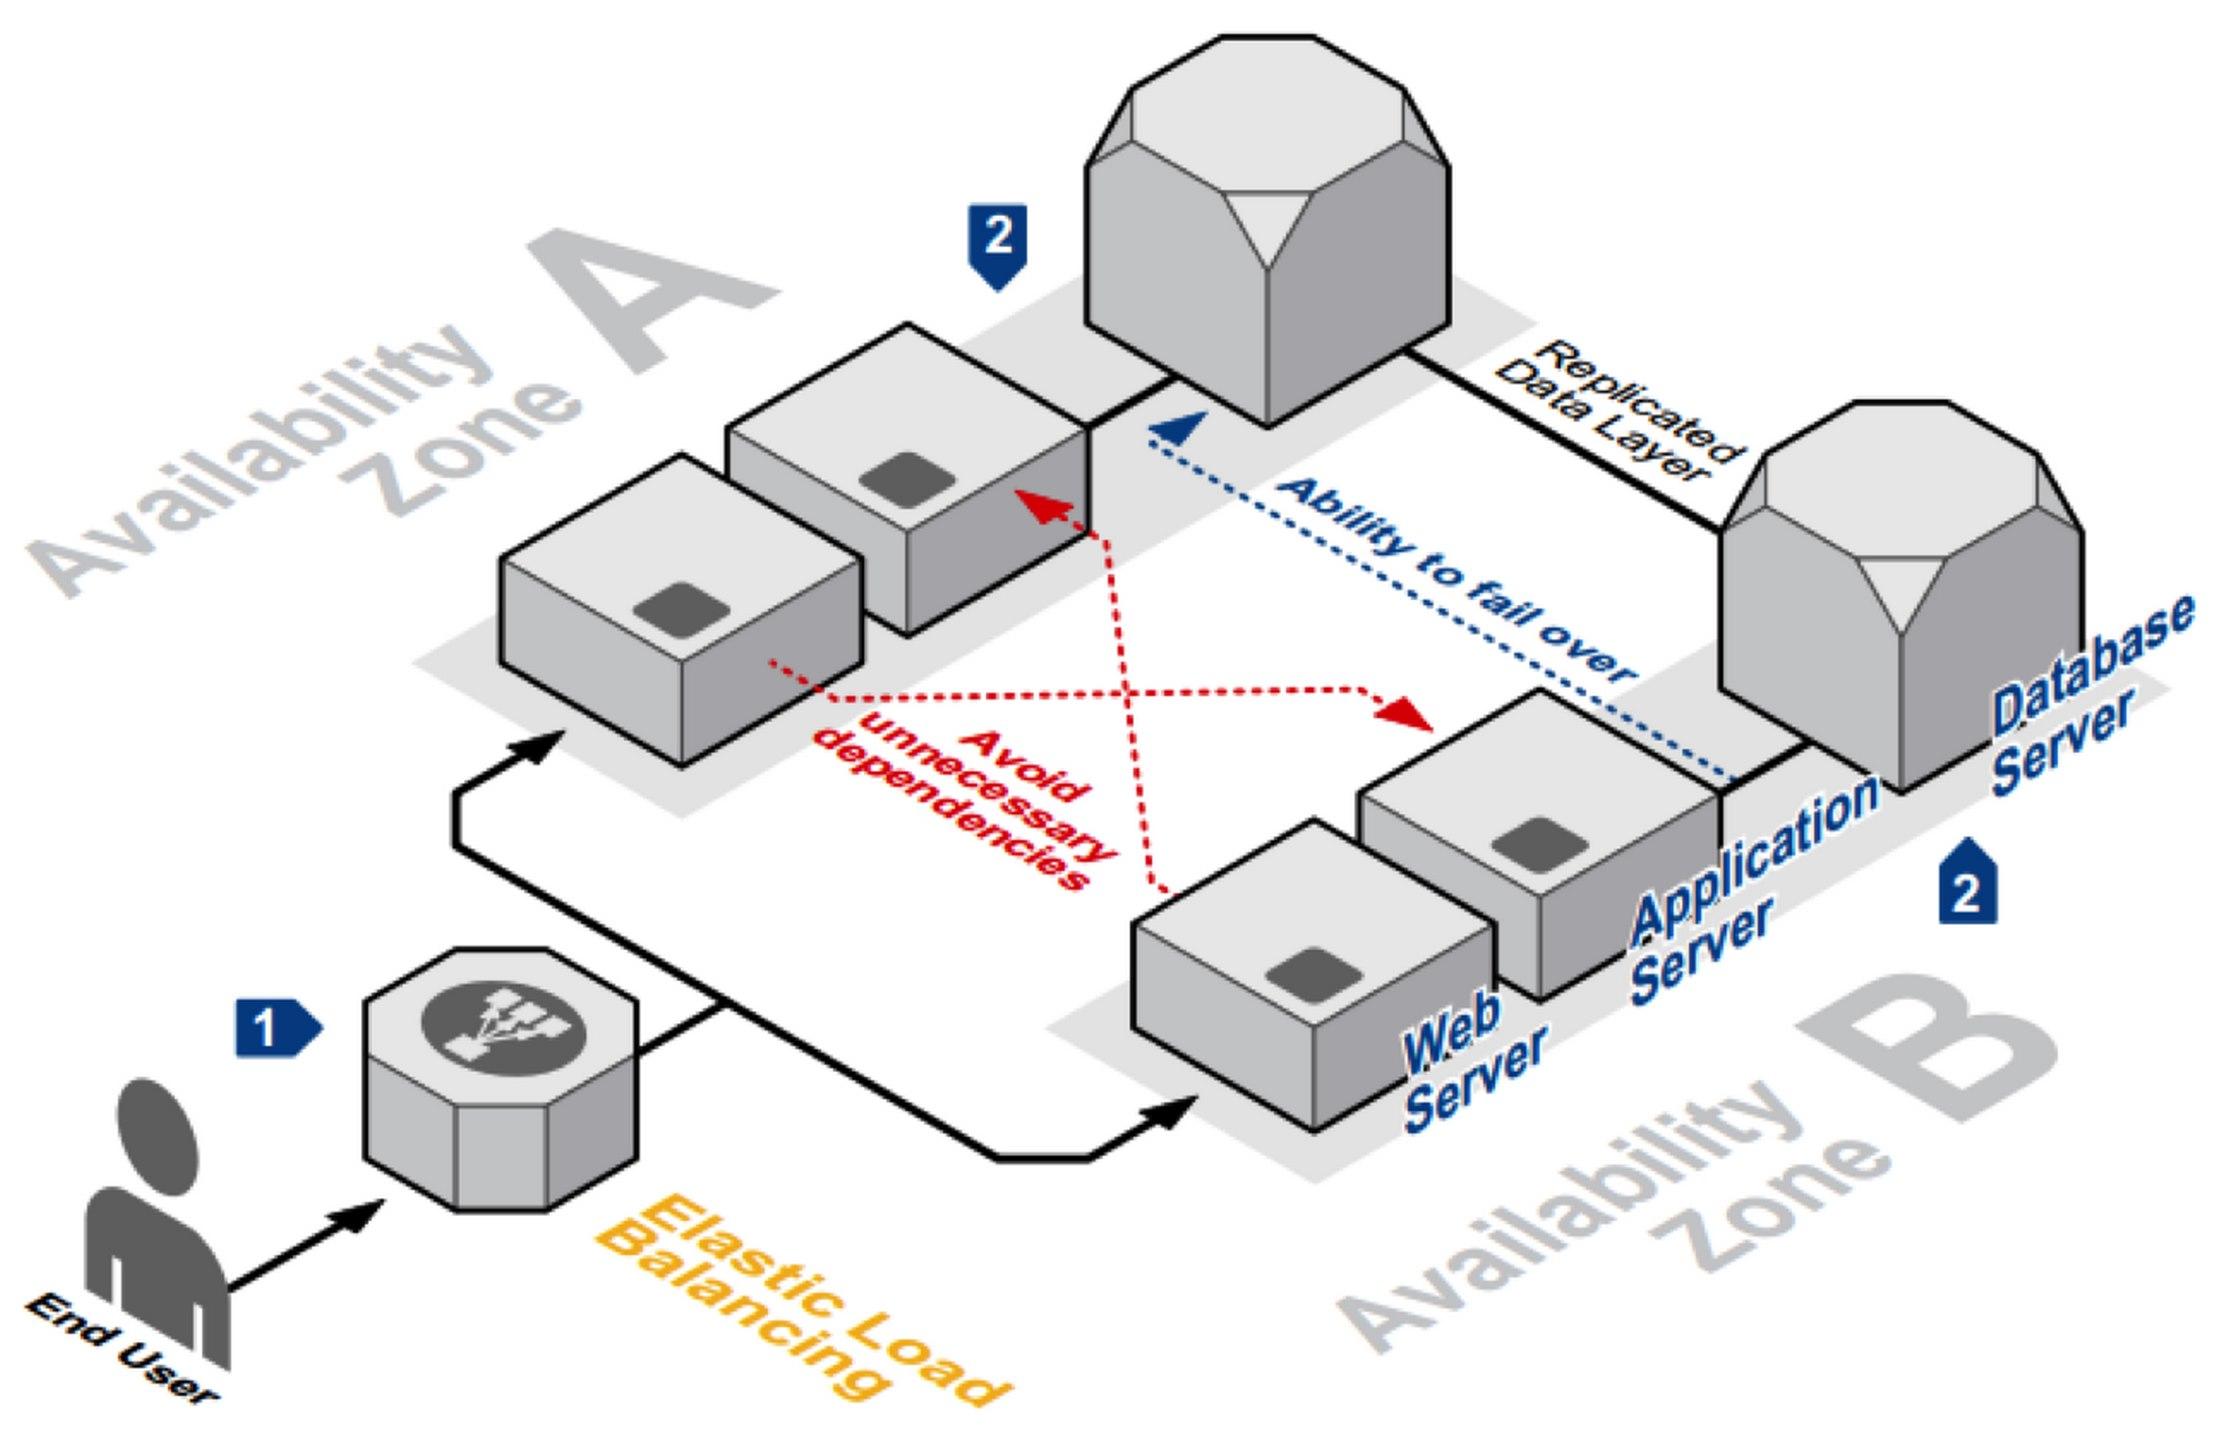 Amazon Web Services tăng cường đầu tư vào khu vực Châu Á với Vùng sẵn sàng thứ 3